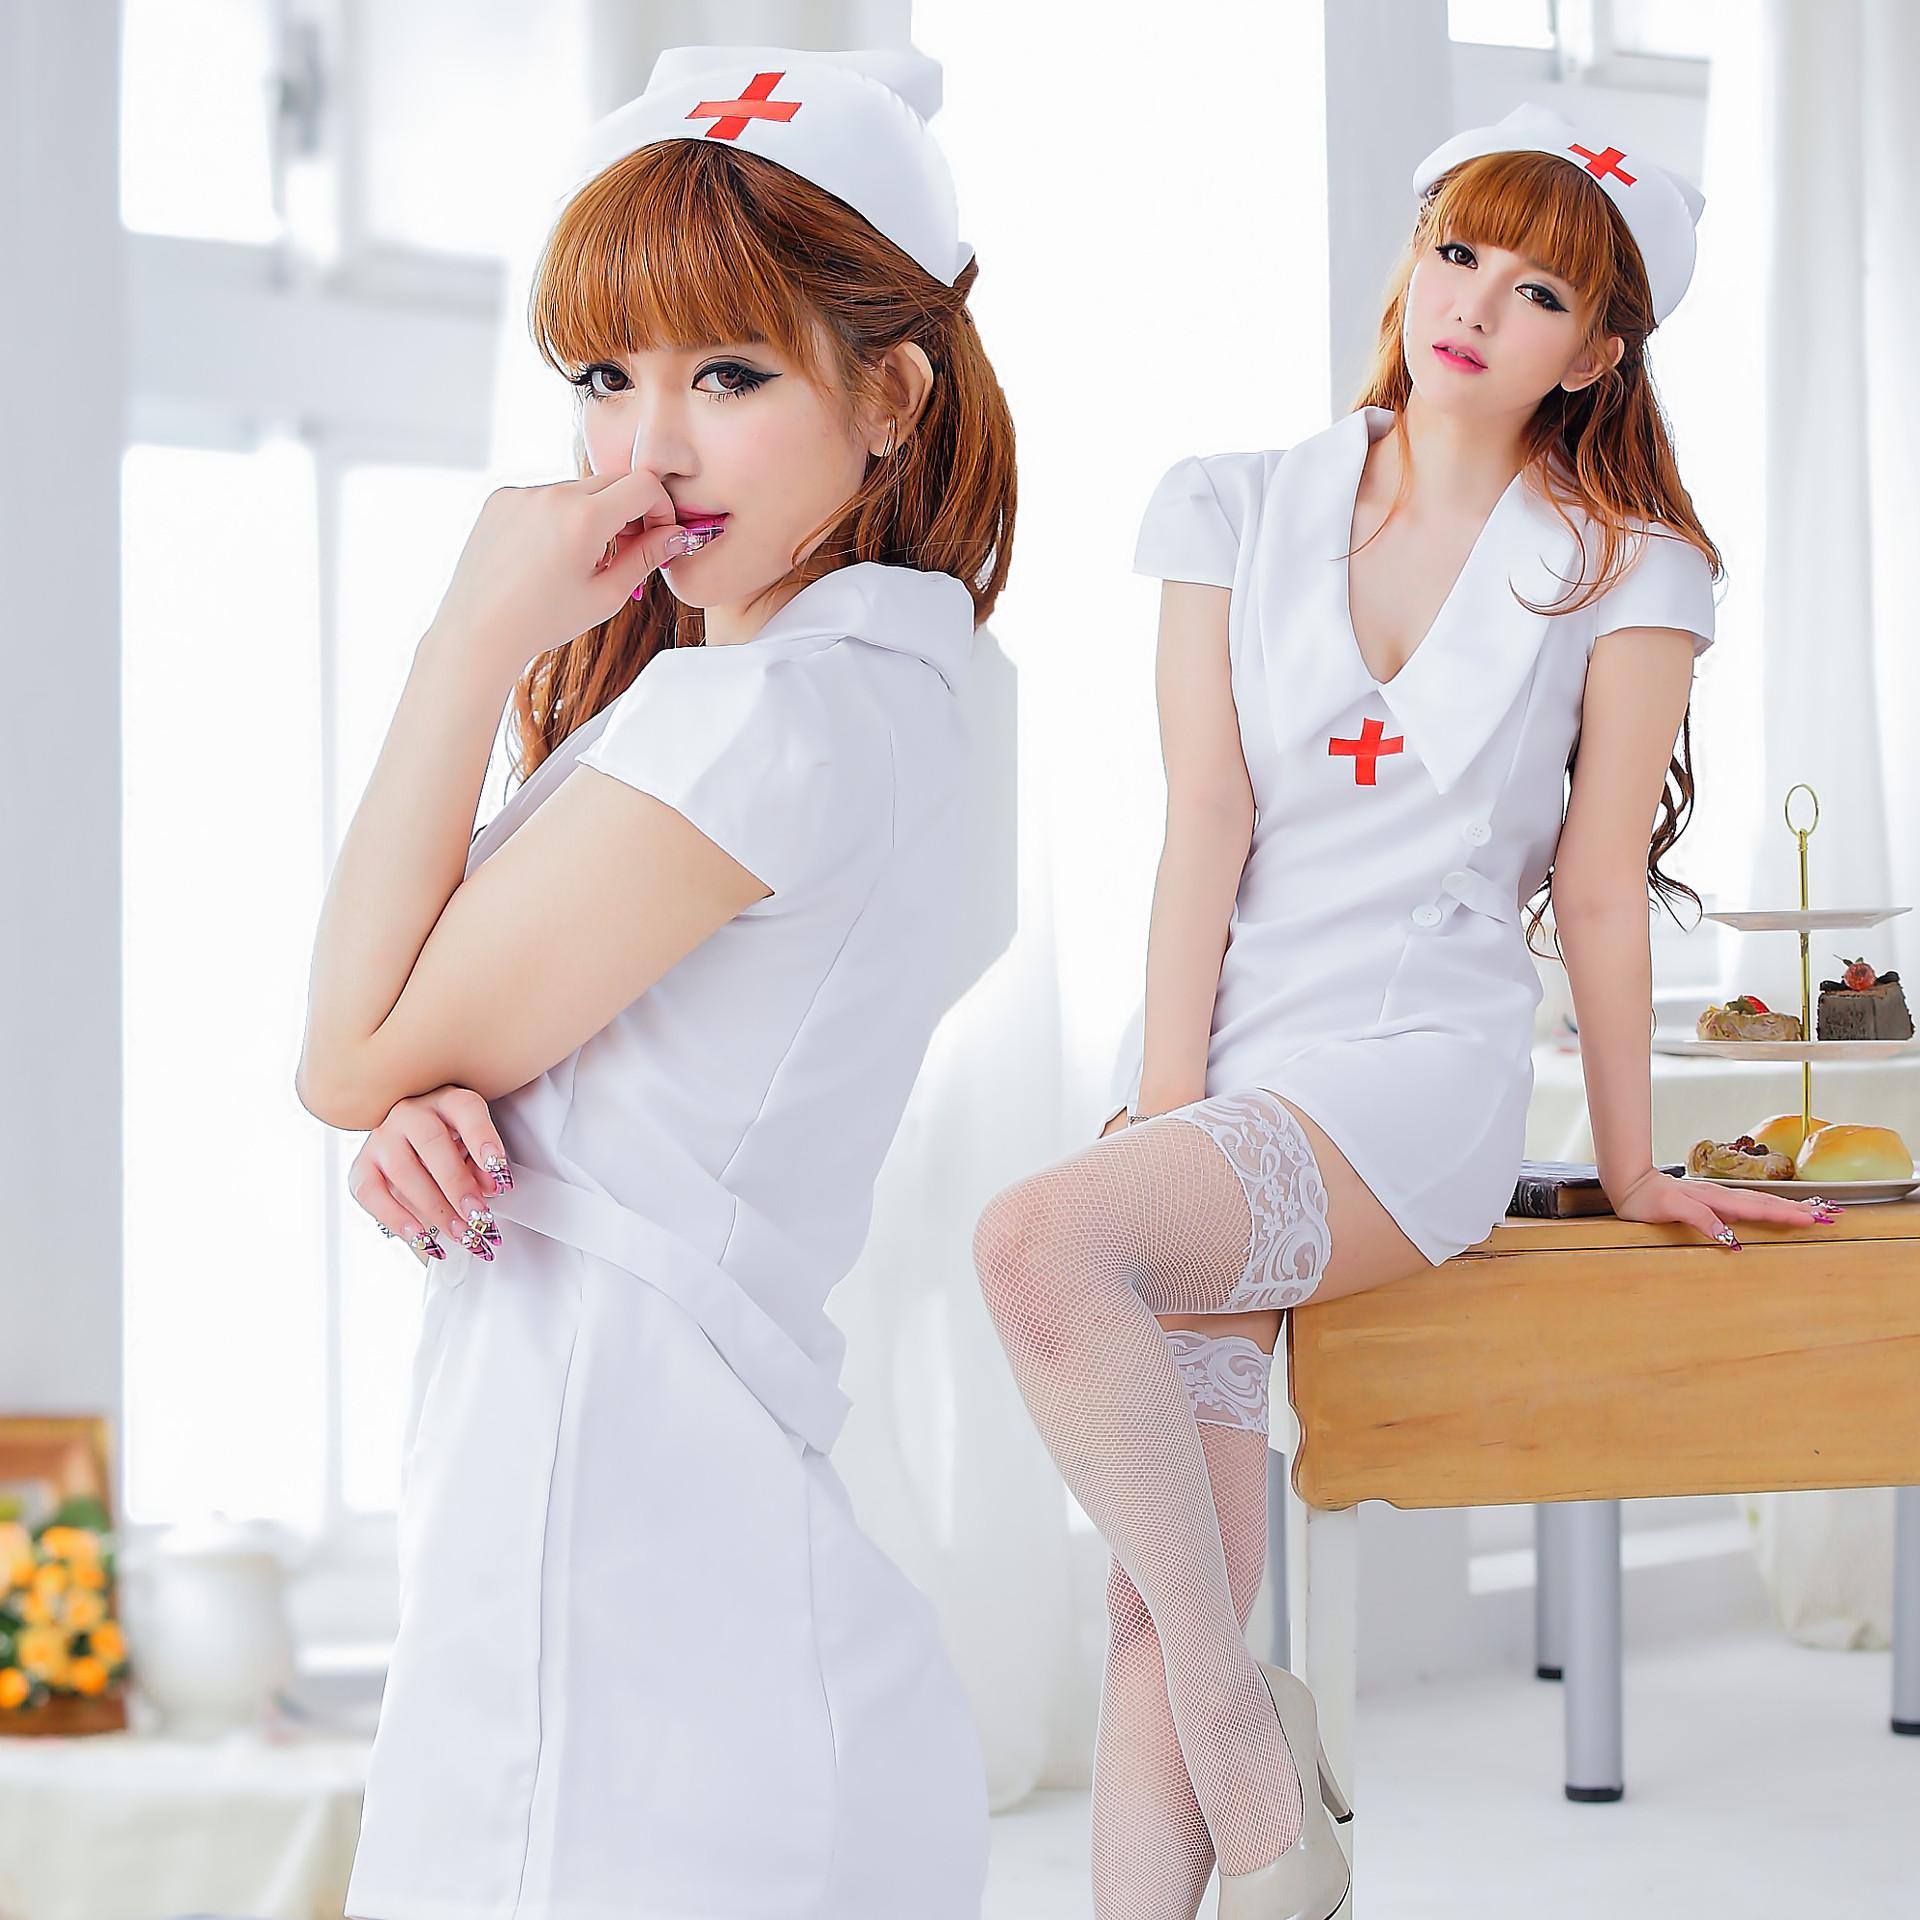 情趣内衣外贸护士白色情趣制服欧美v外贸套装装cosply情趣紧身和蛋跳性感图片